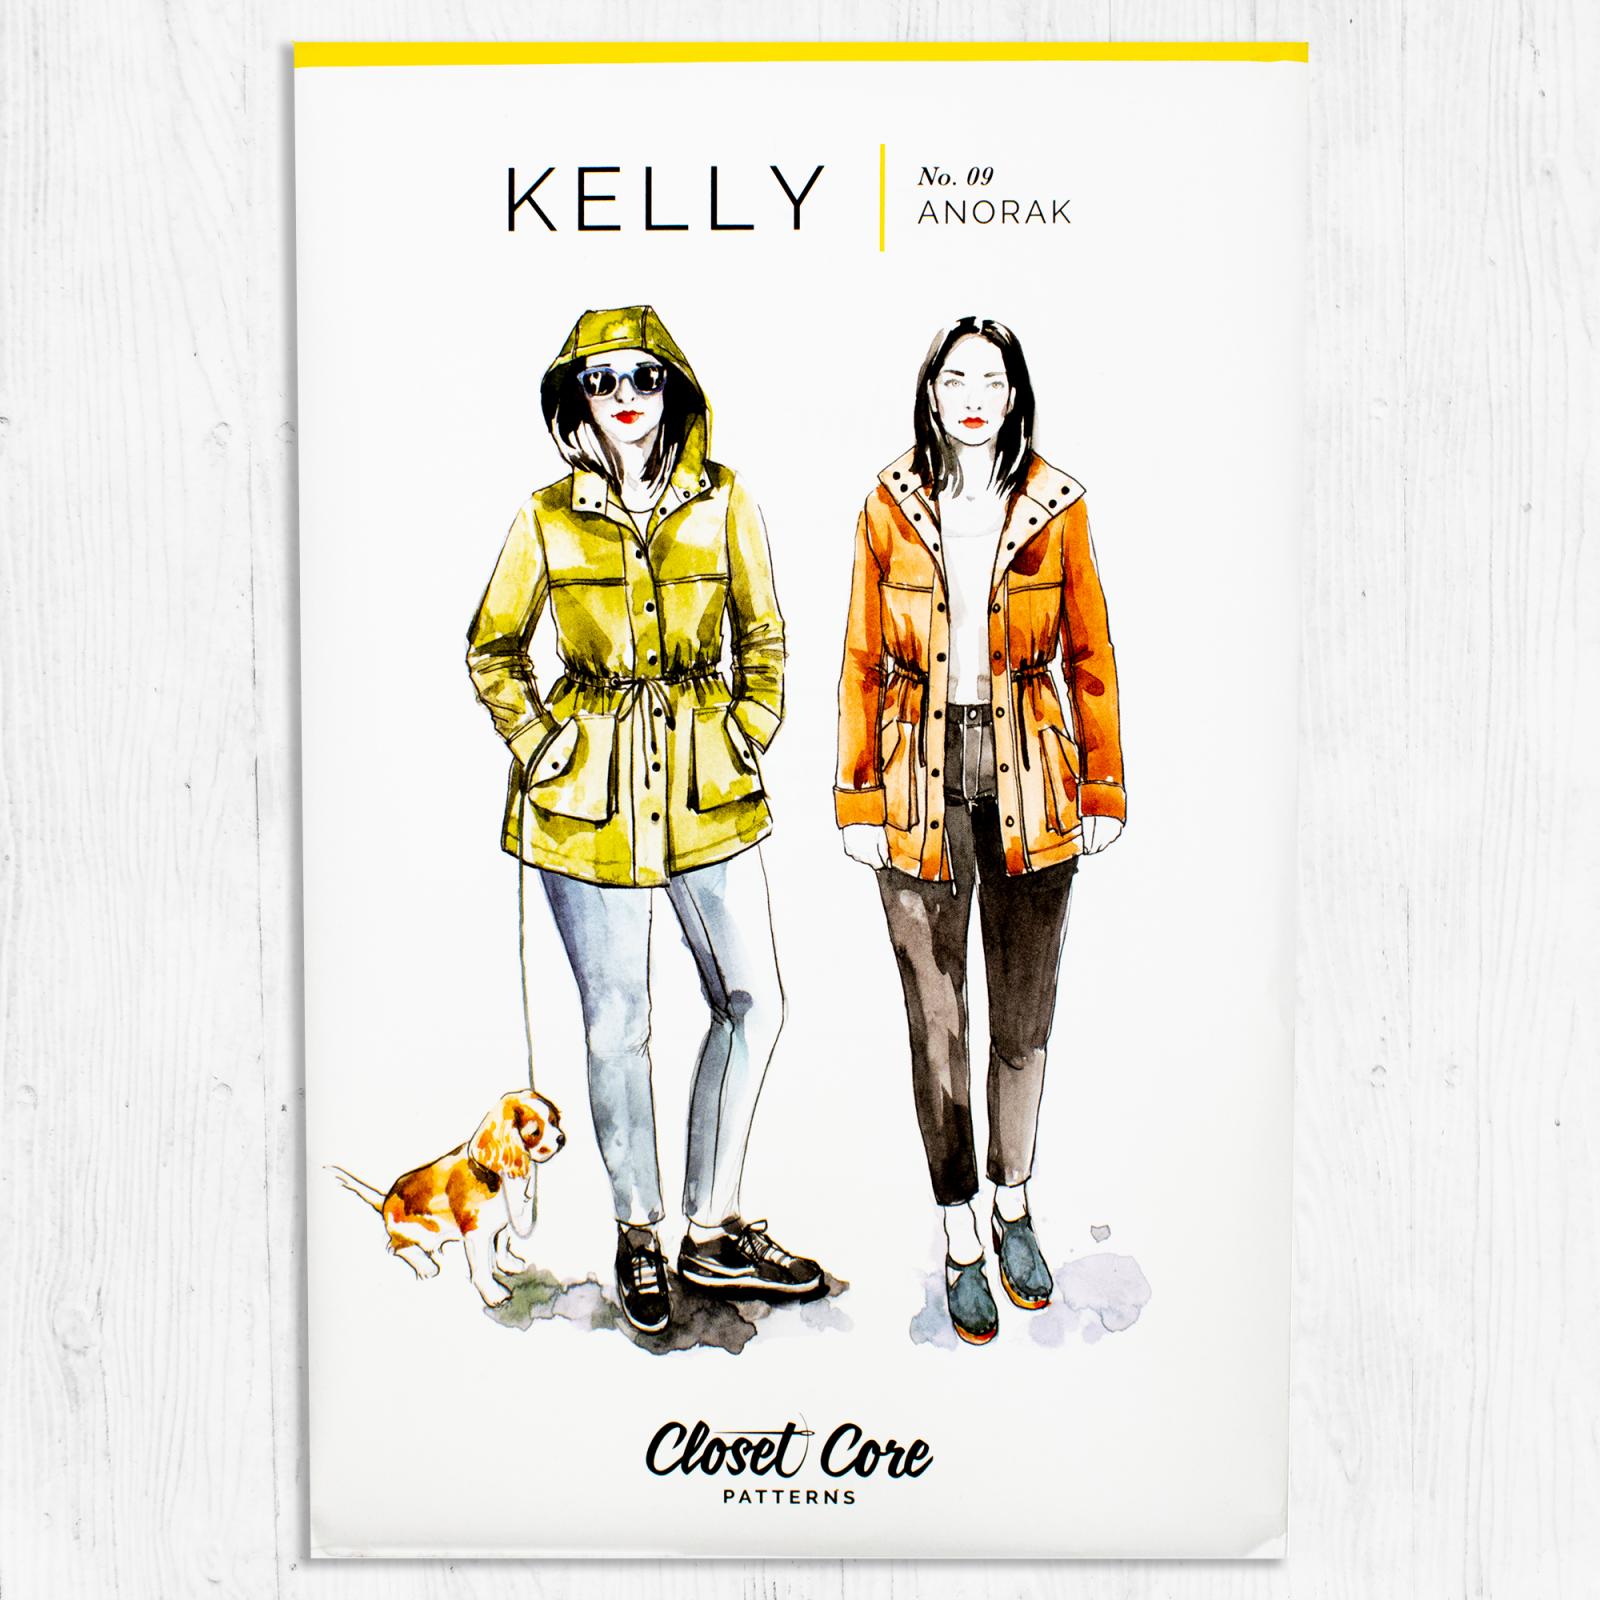 Closet Core Patterns - Kelly Anorak Jacket